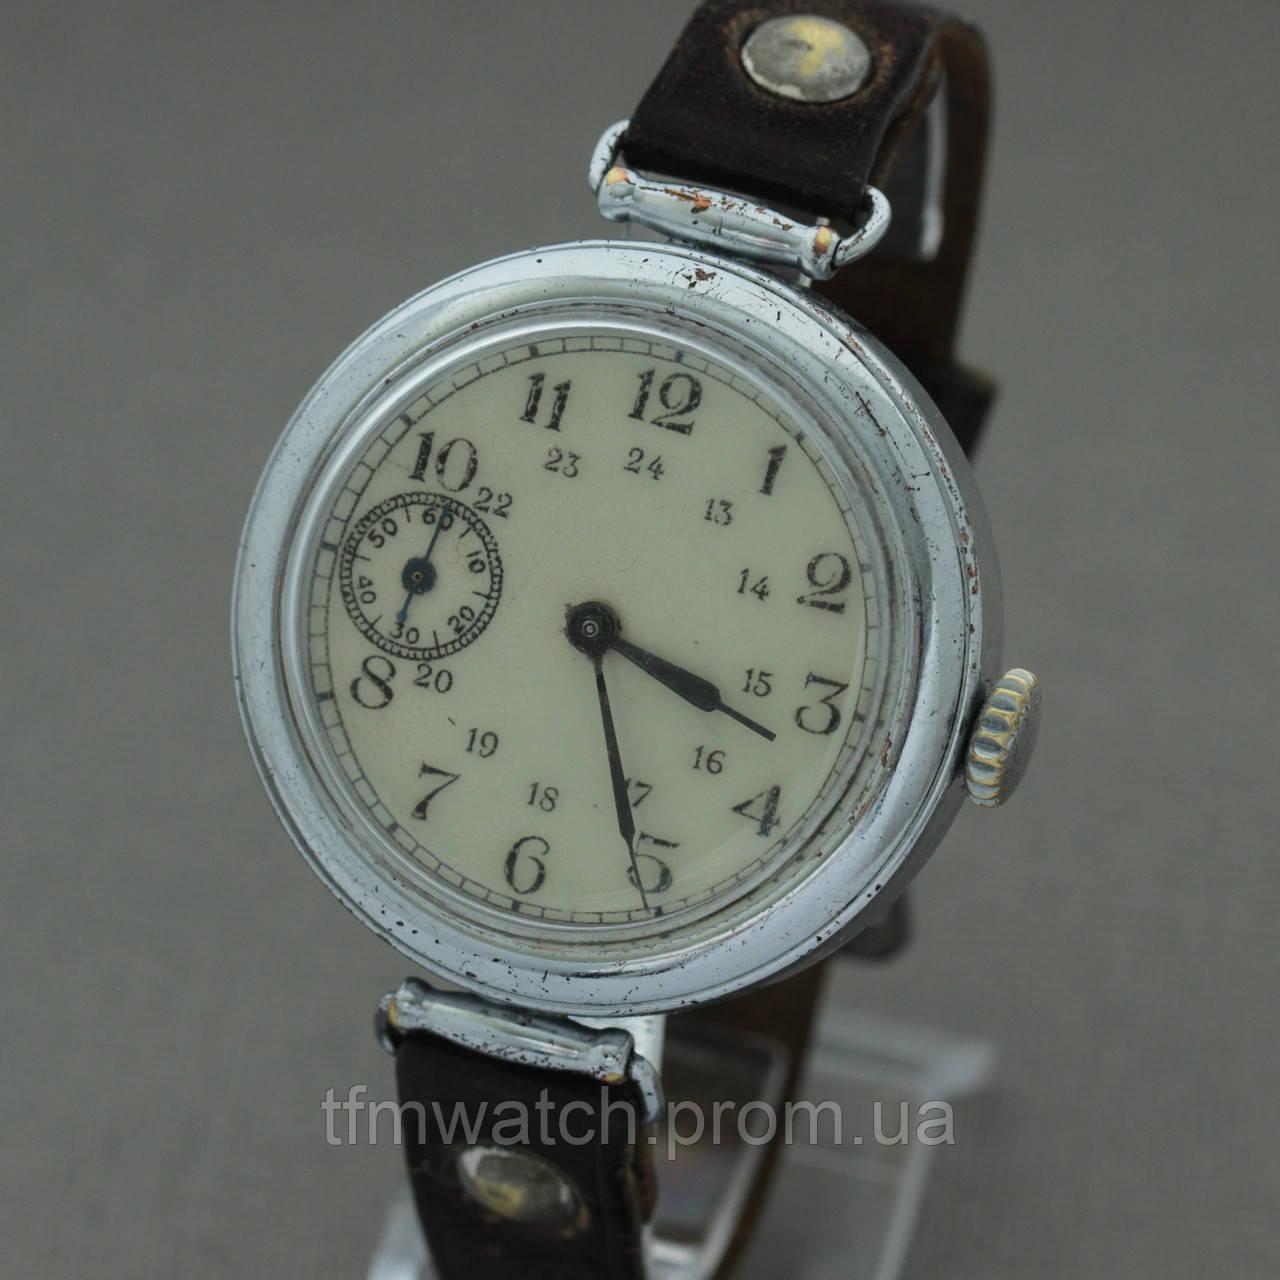 В часы продать москве старые где продать боя часы 4 янтарь